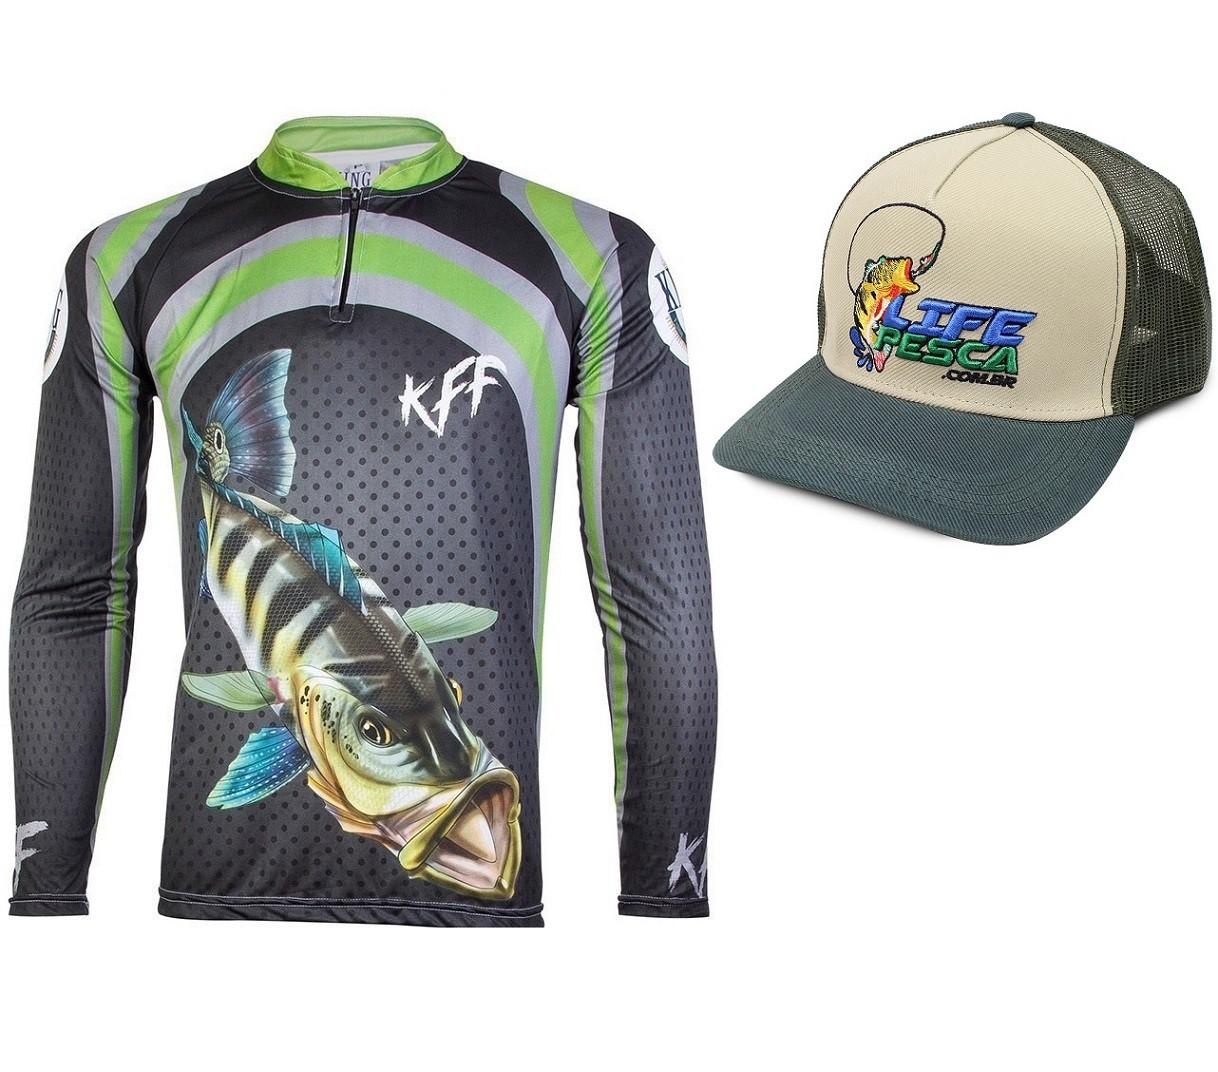 Camiseta De Pesca King Proteção Solar Uv KFF10 Tucunaré + Boné